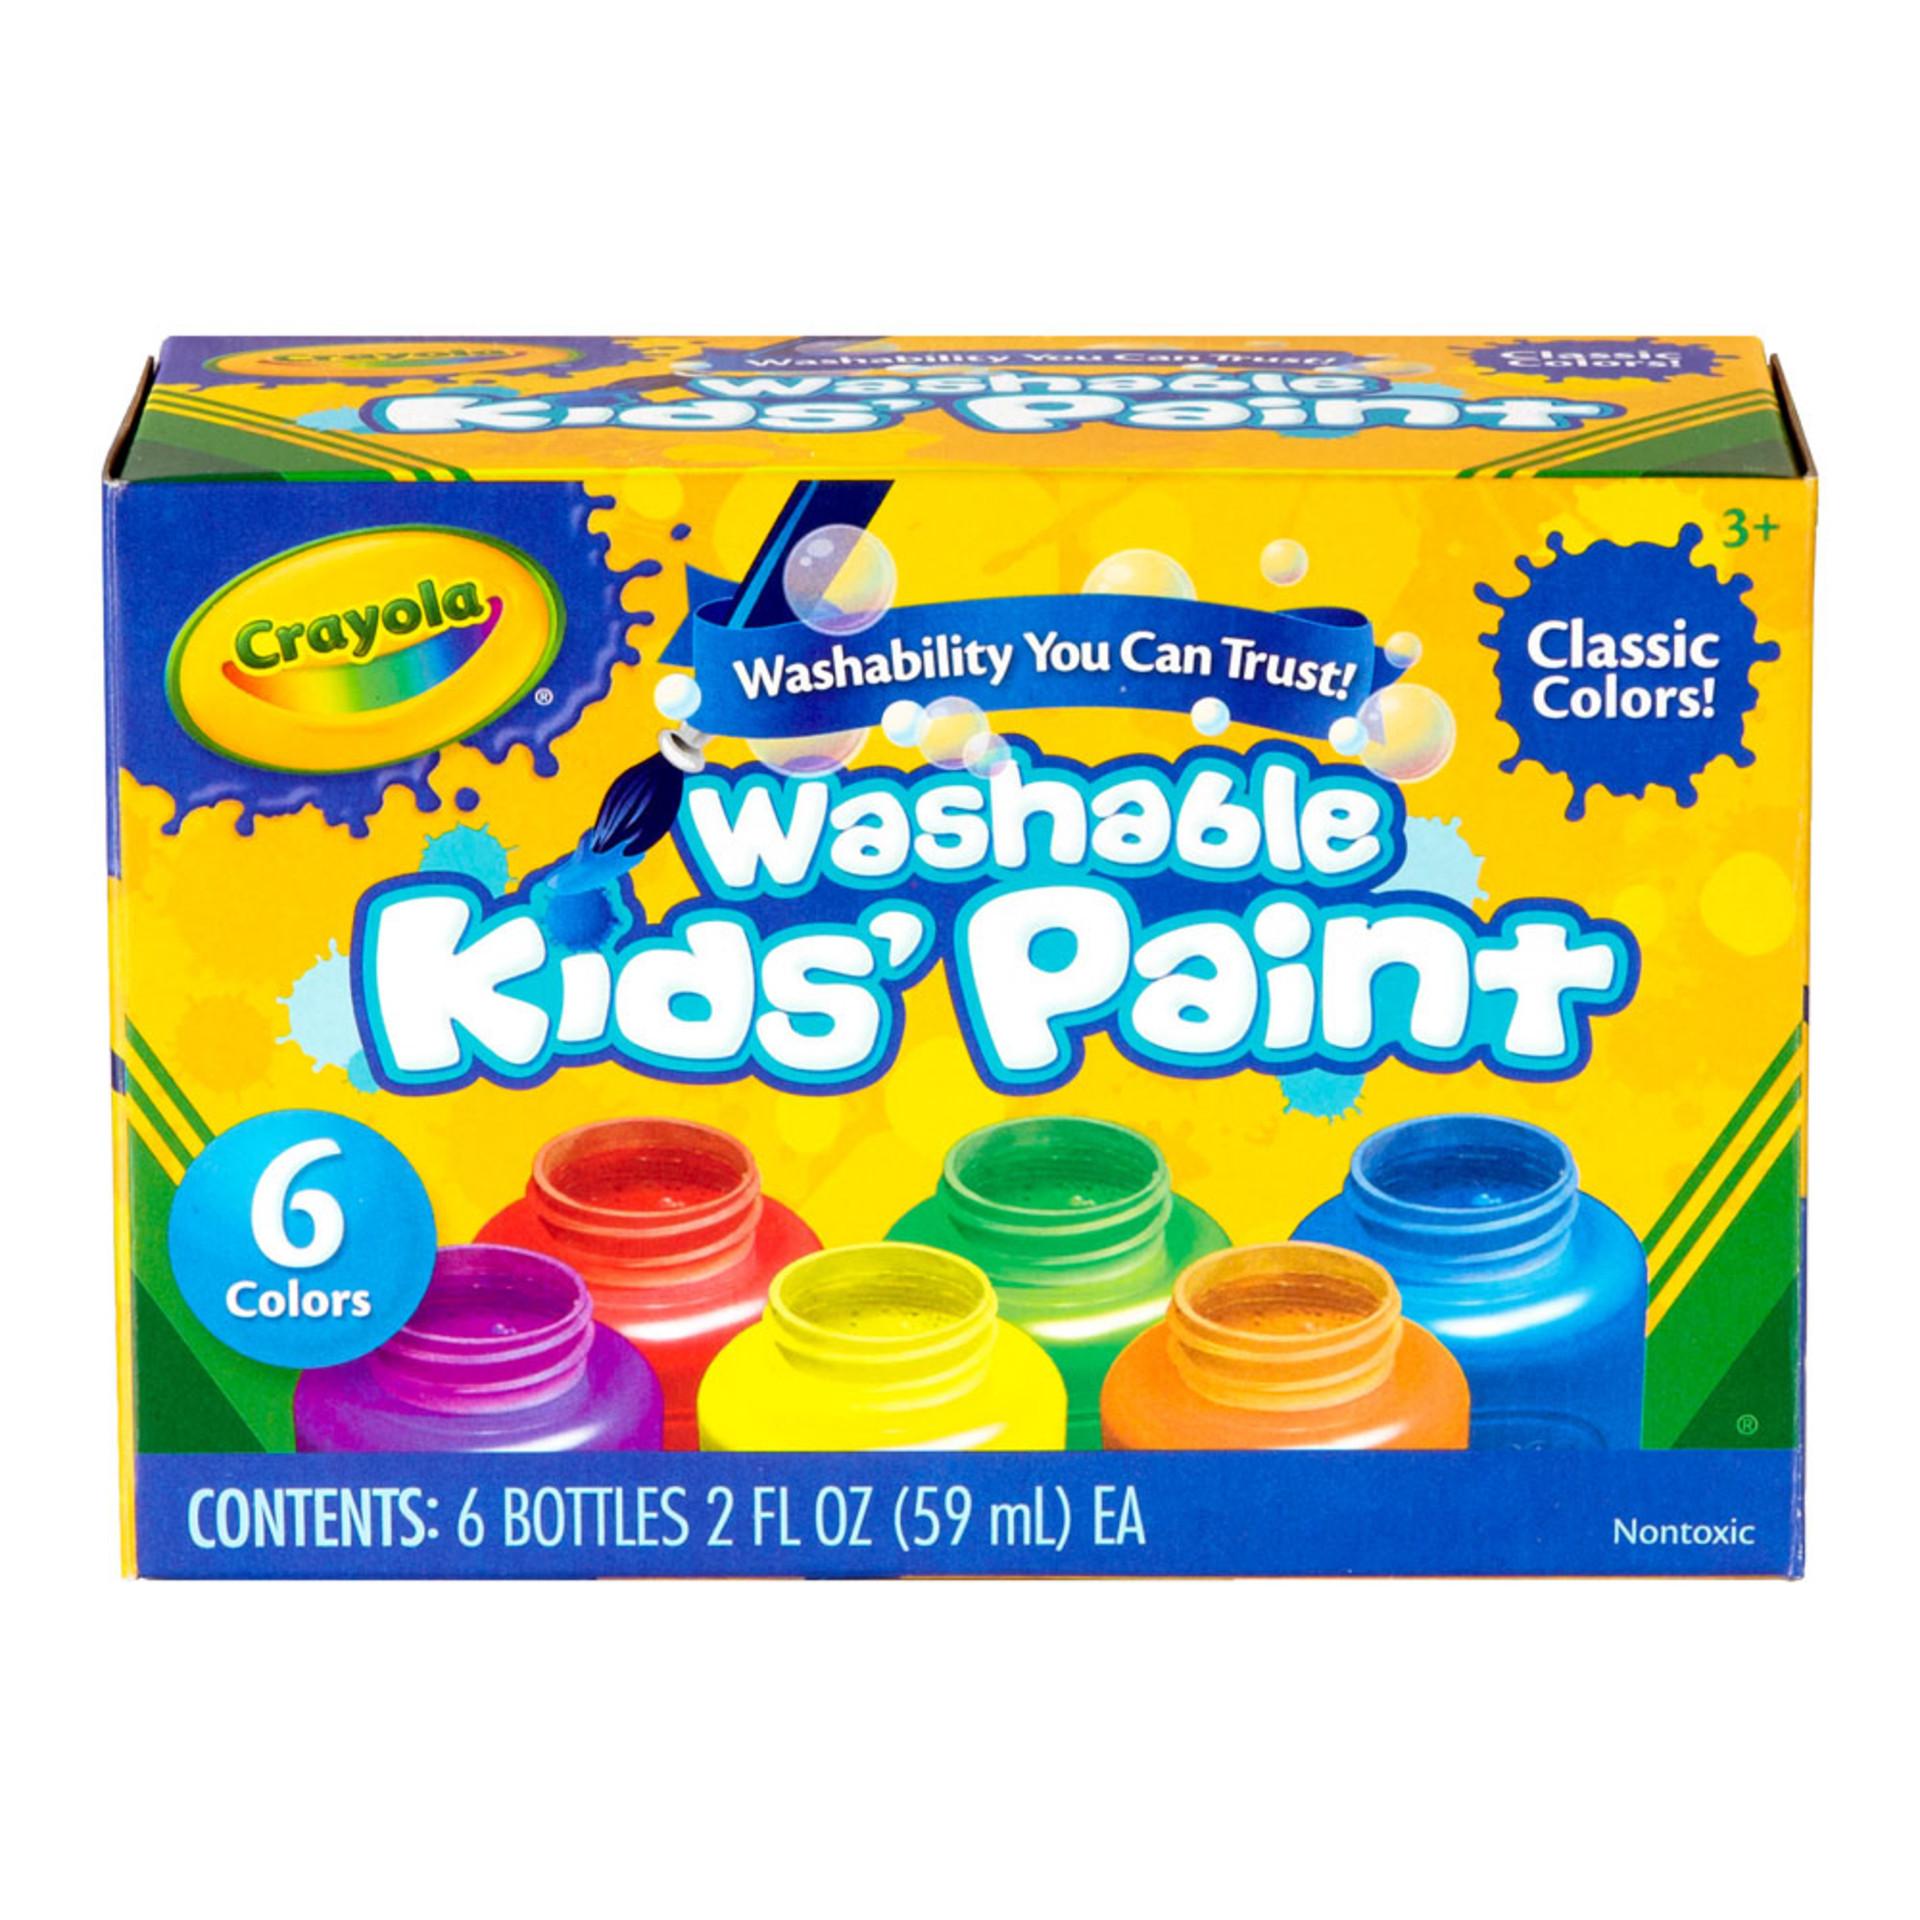 Crayola Washable Kids Paint 6 Color 2oz